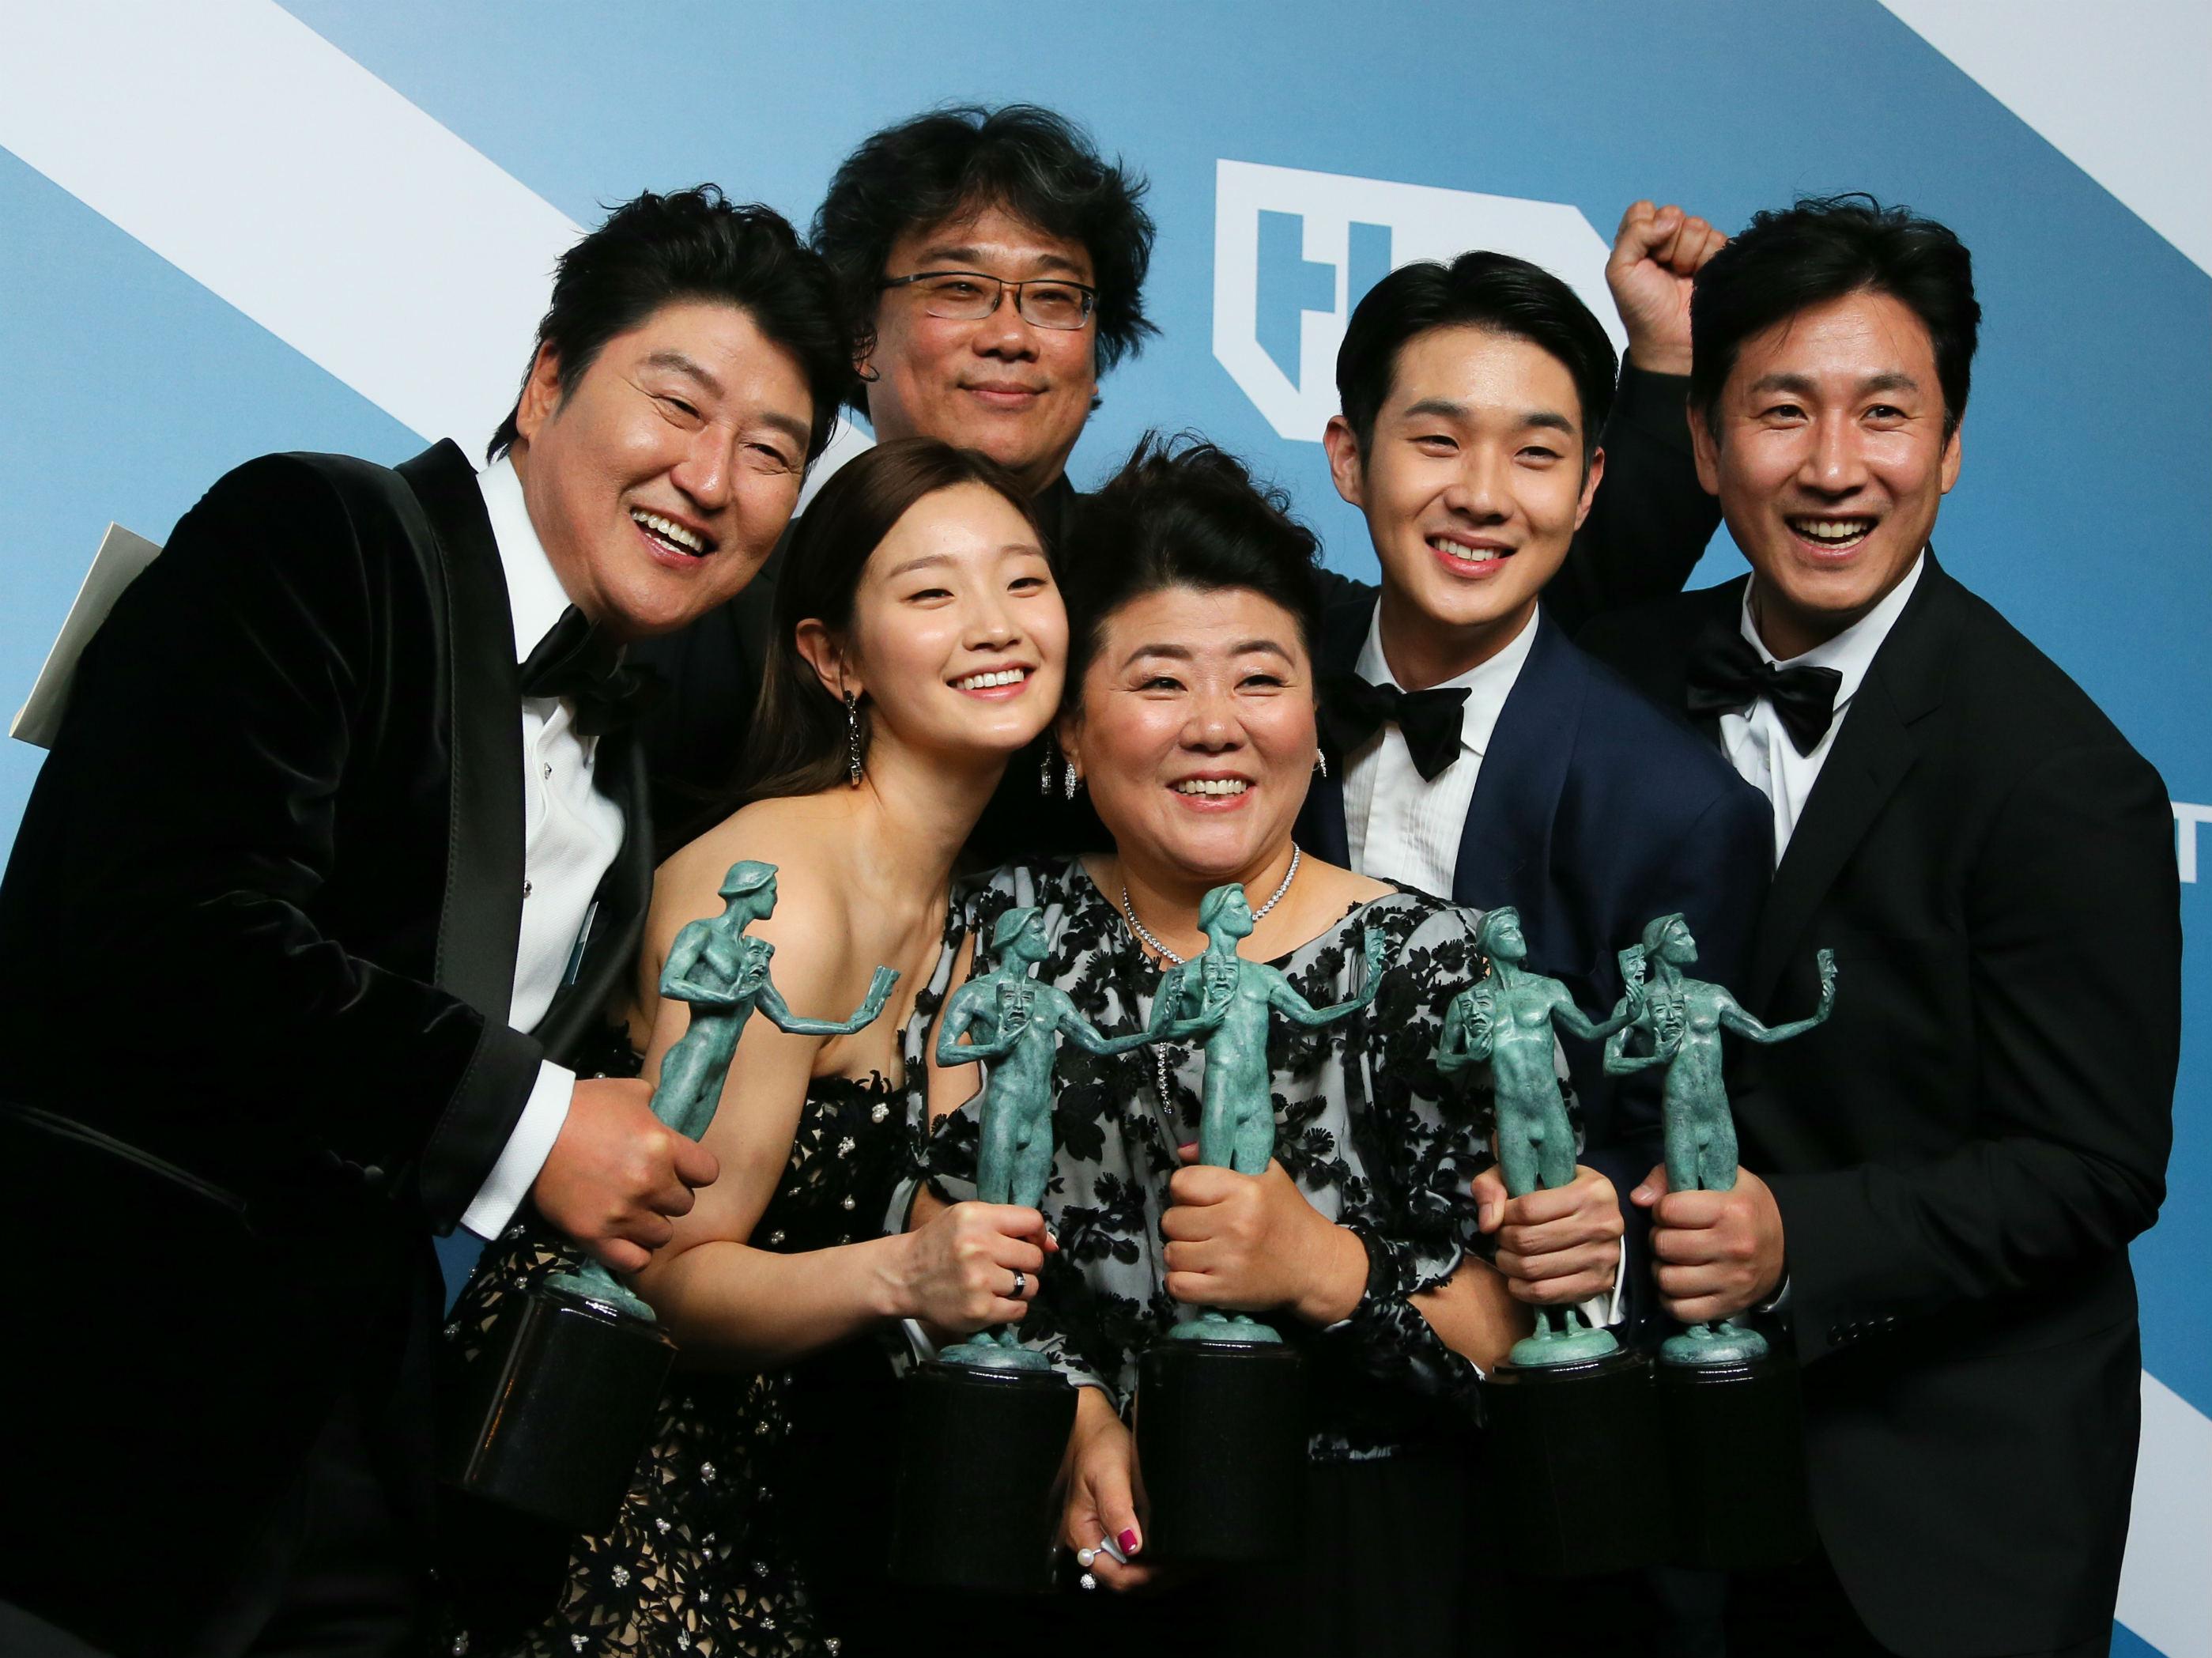 Sag Awards Parasite mejores momentos